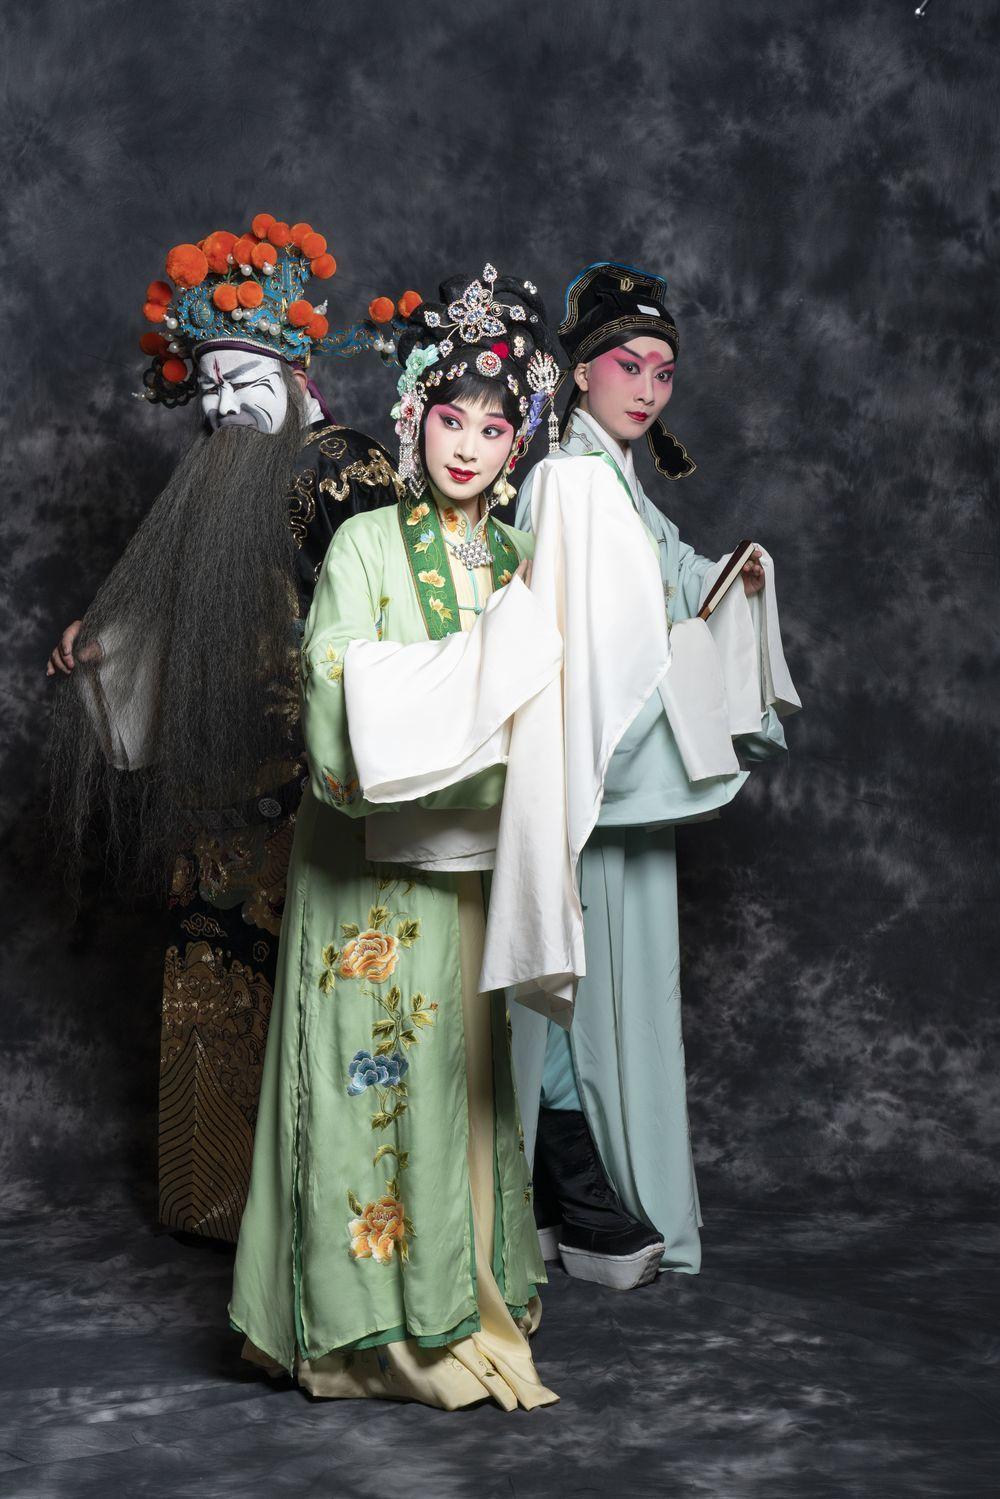 「李慧娘」因劇中「有鬼」被大陸禁止演出。 圖/國光劇團提供